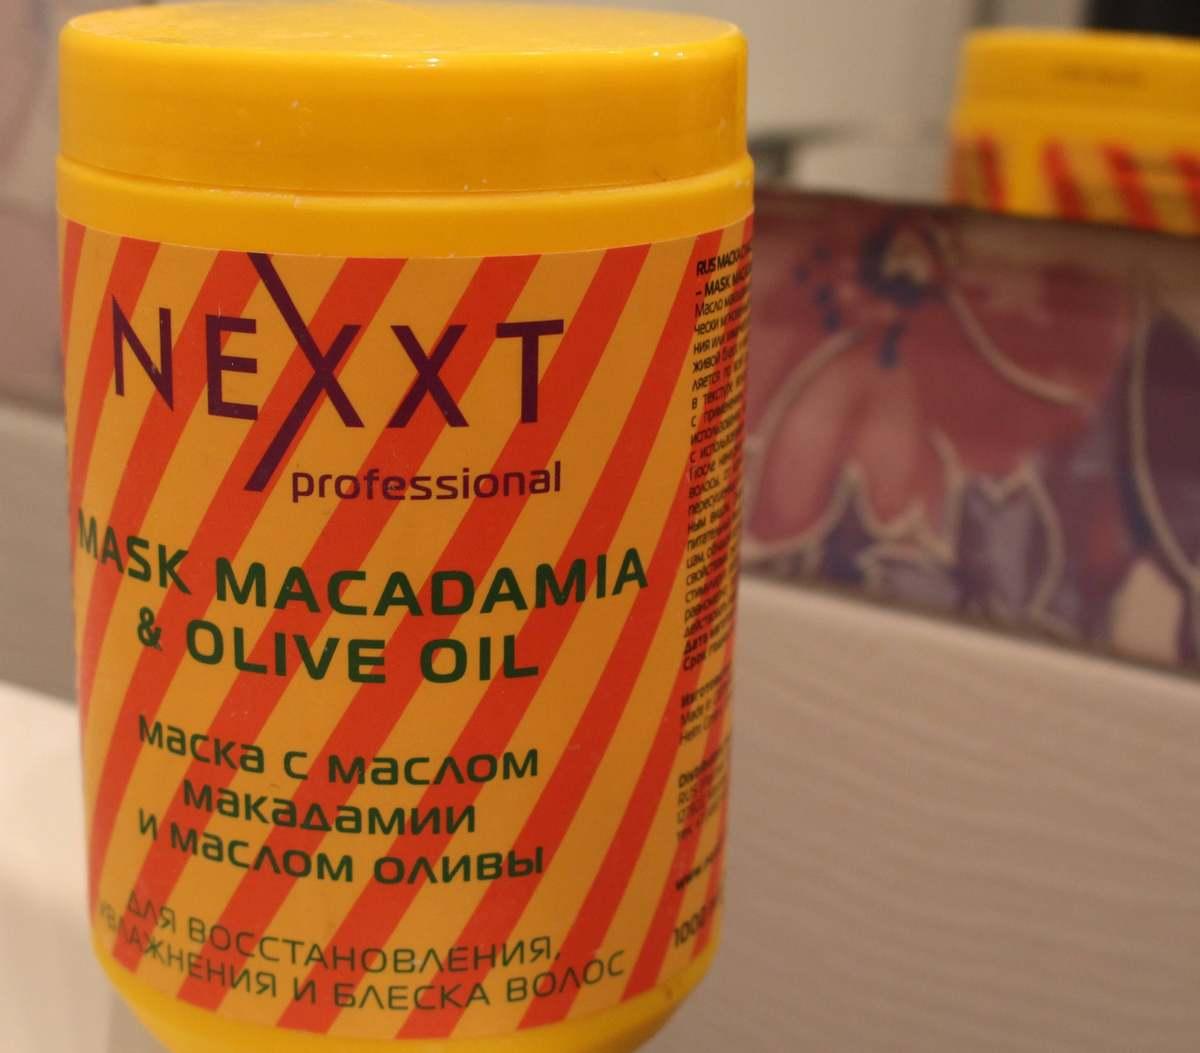 Маска для волос «Некст» бывает следующих видов: восстановление и питание, придание объема, для сухих и окрашенных волос